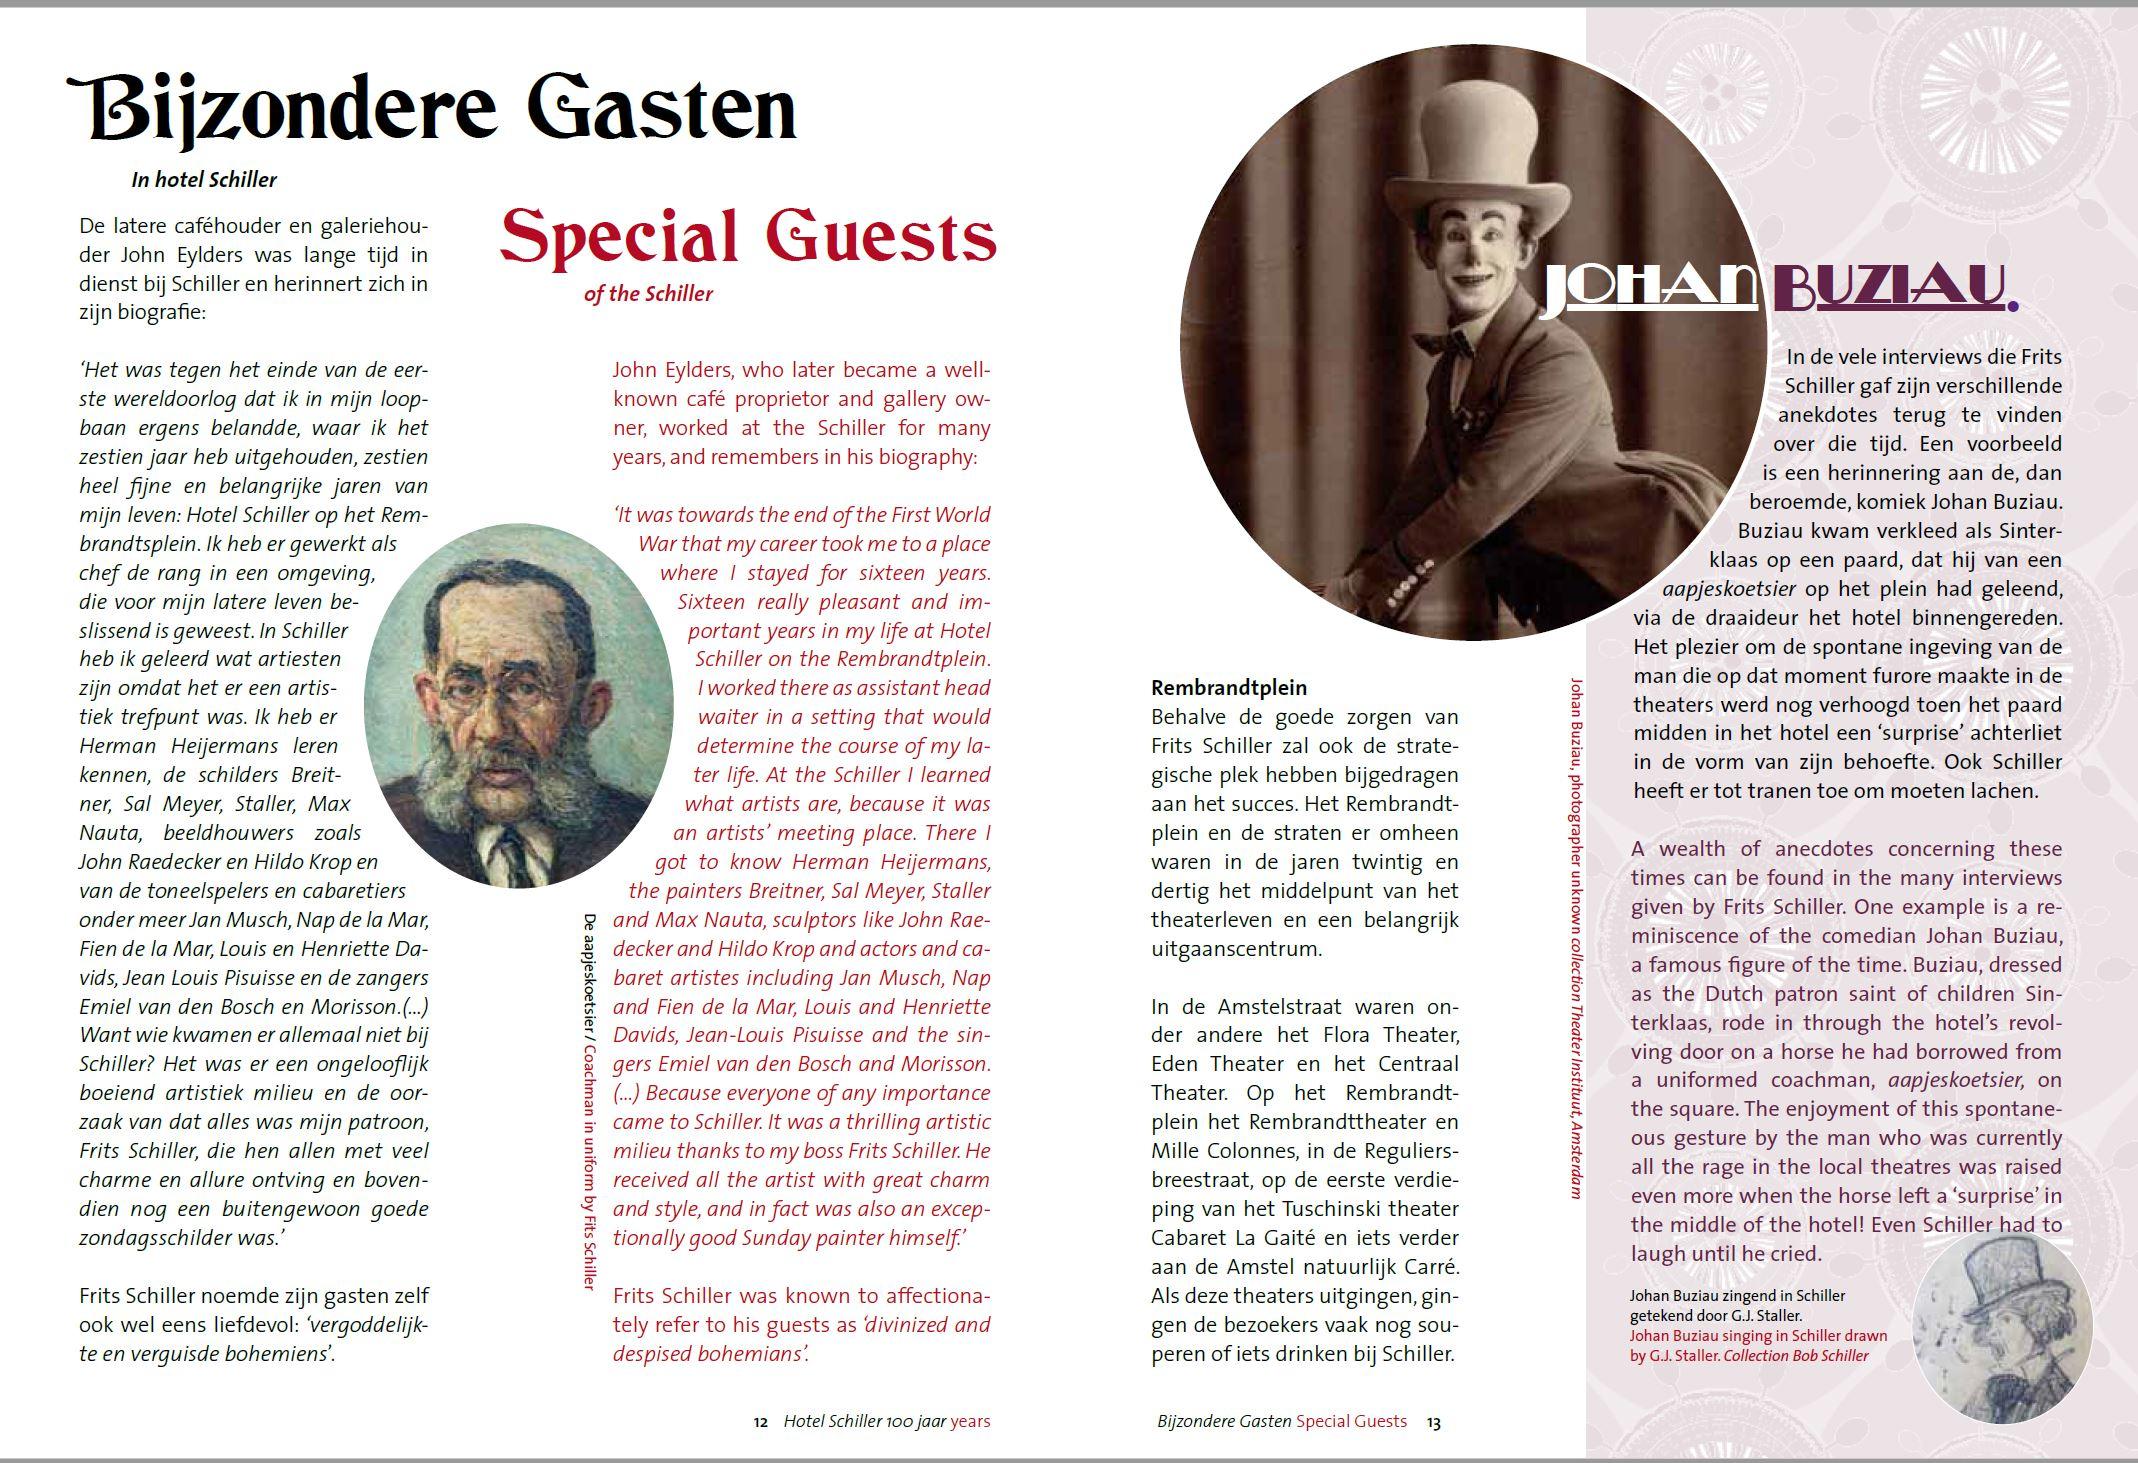 Schiller de Aapjeskoetsier en Buziau